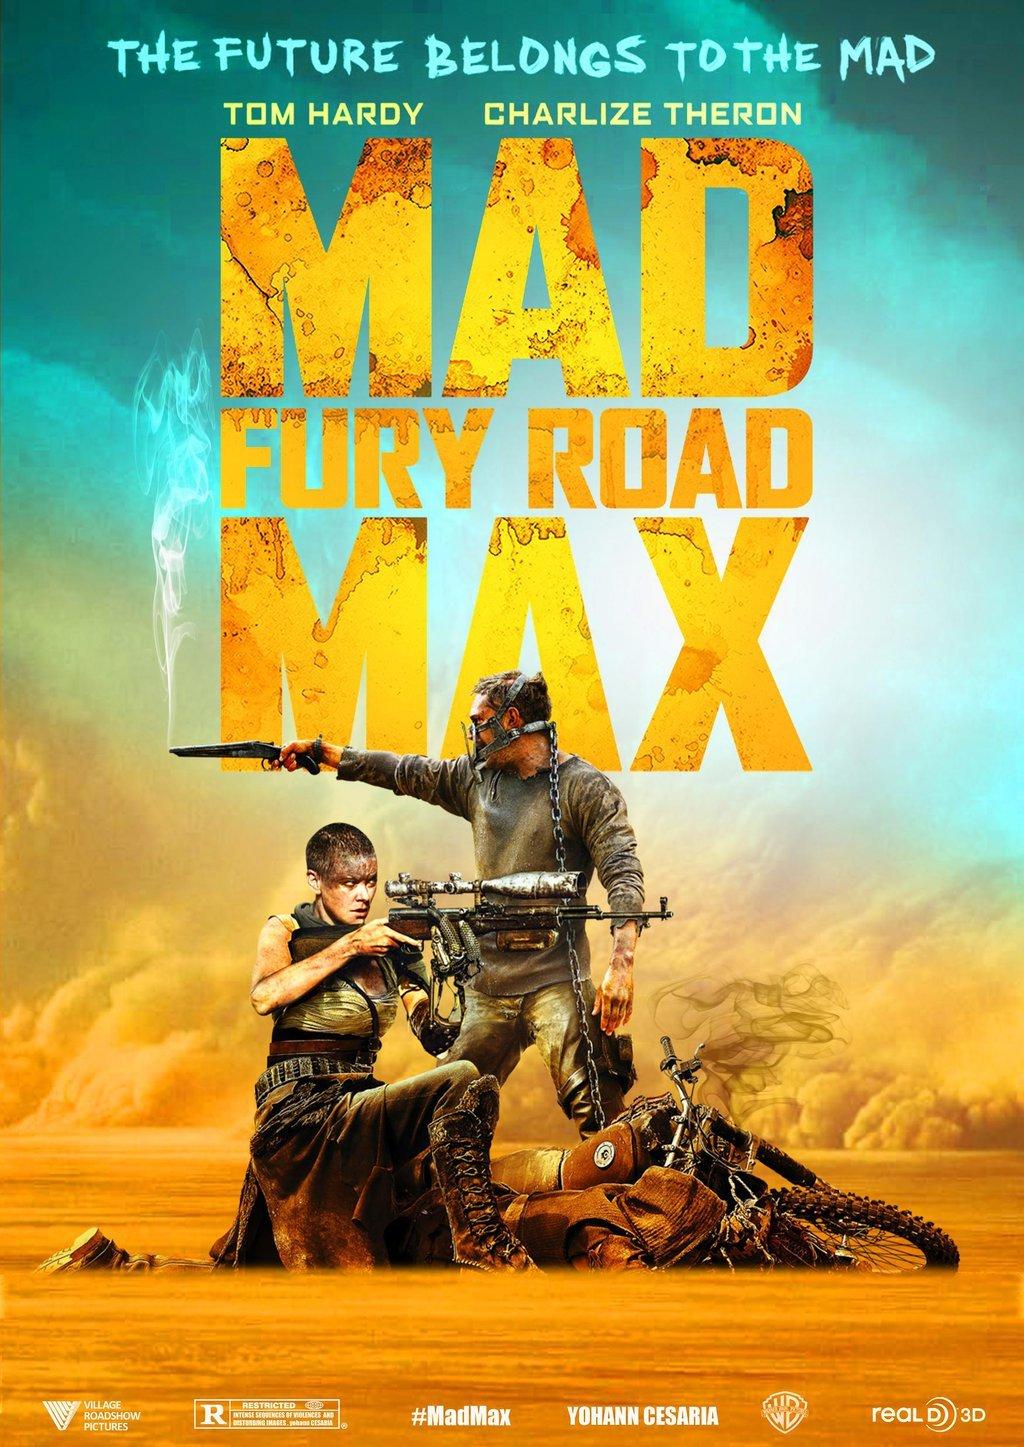 http://observador.pt/wp-content/uploads/2016/01/mad-max-poster.jpg